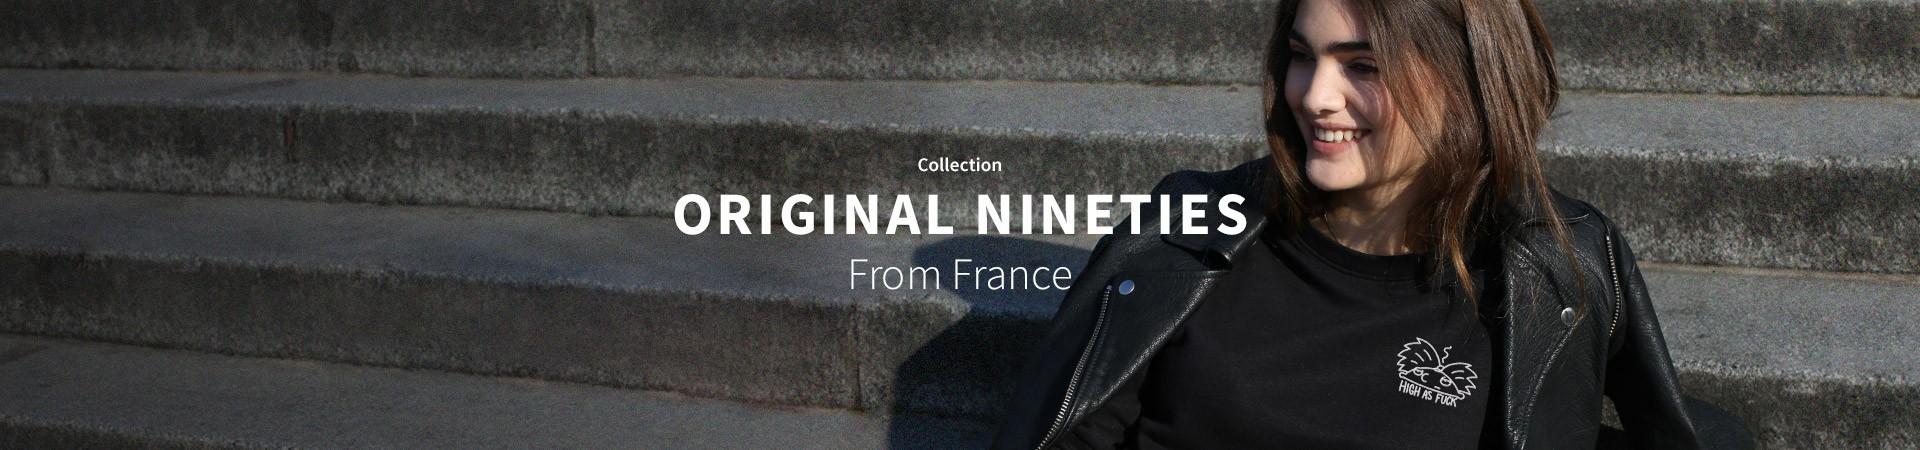 Original Nineties by Lighton